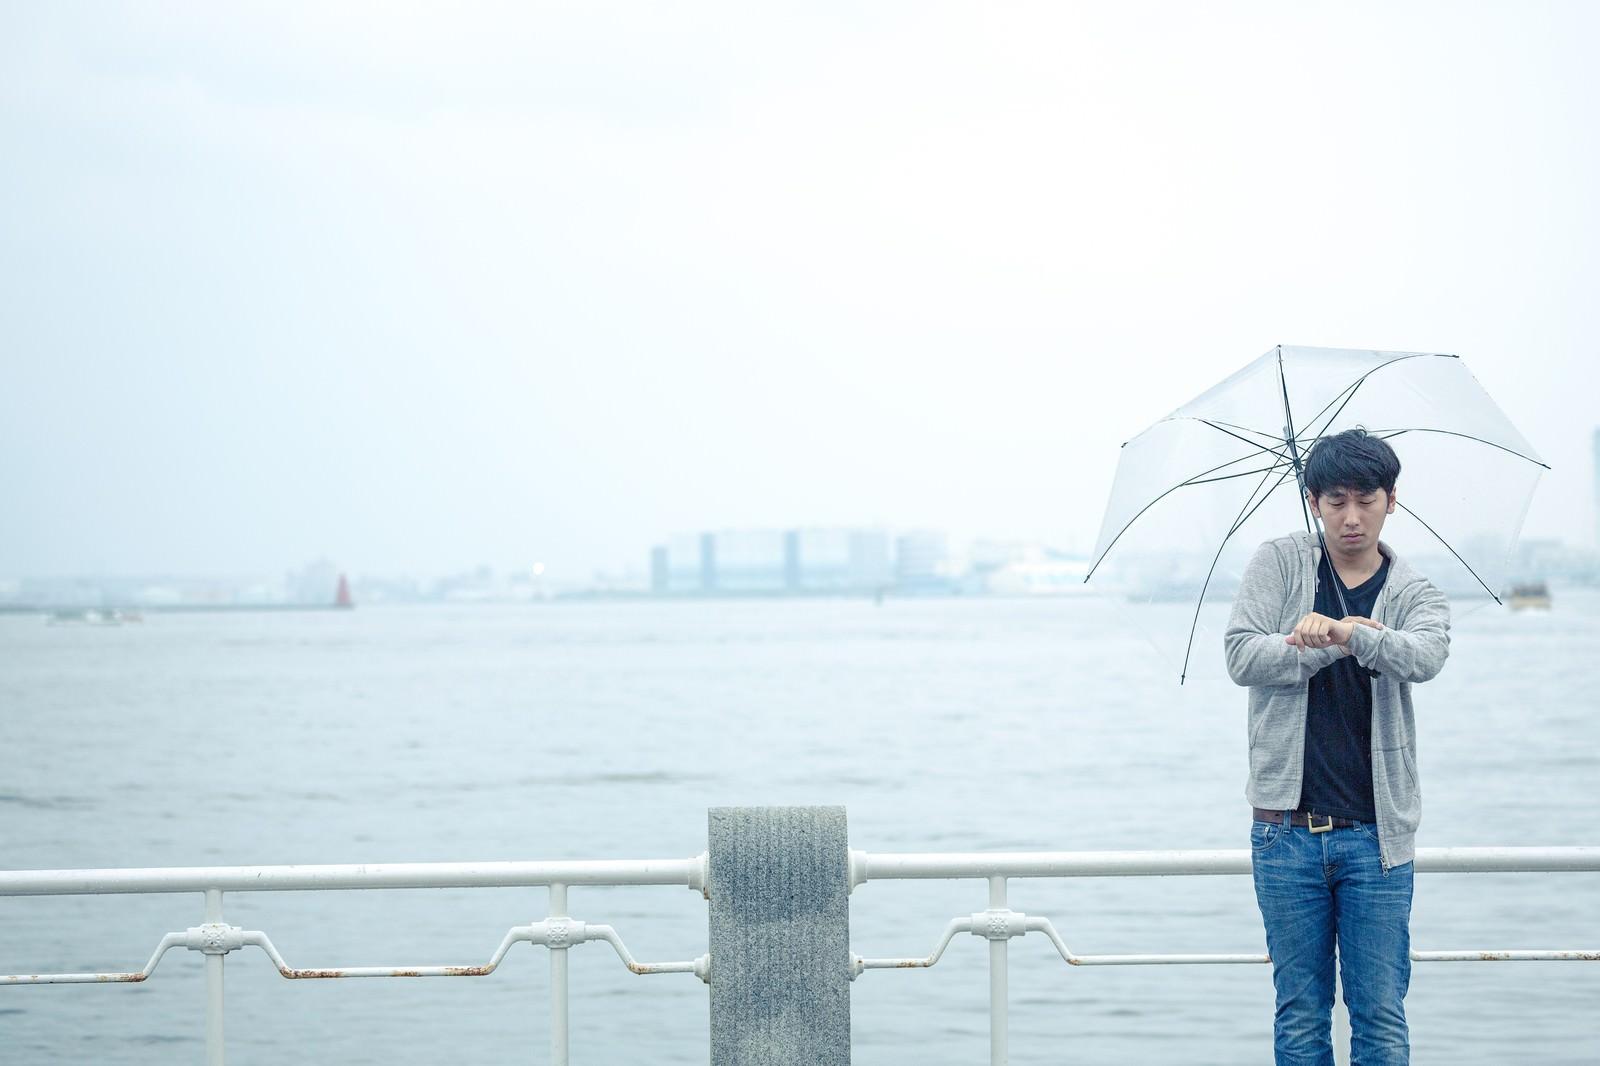 「雨の日の初デート、時間を確認するしぐさで高鳴りをごまかす男性」の写真[モデル:大川竜弥]